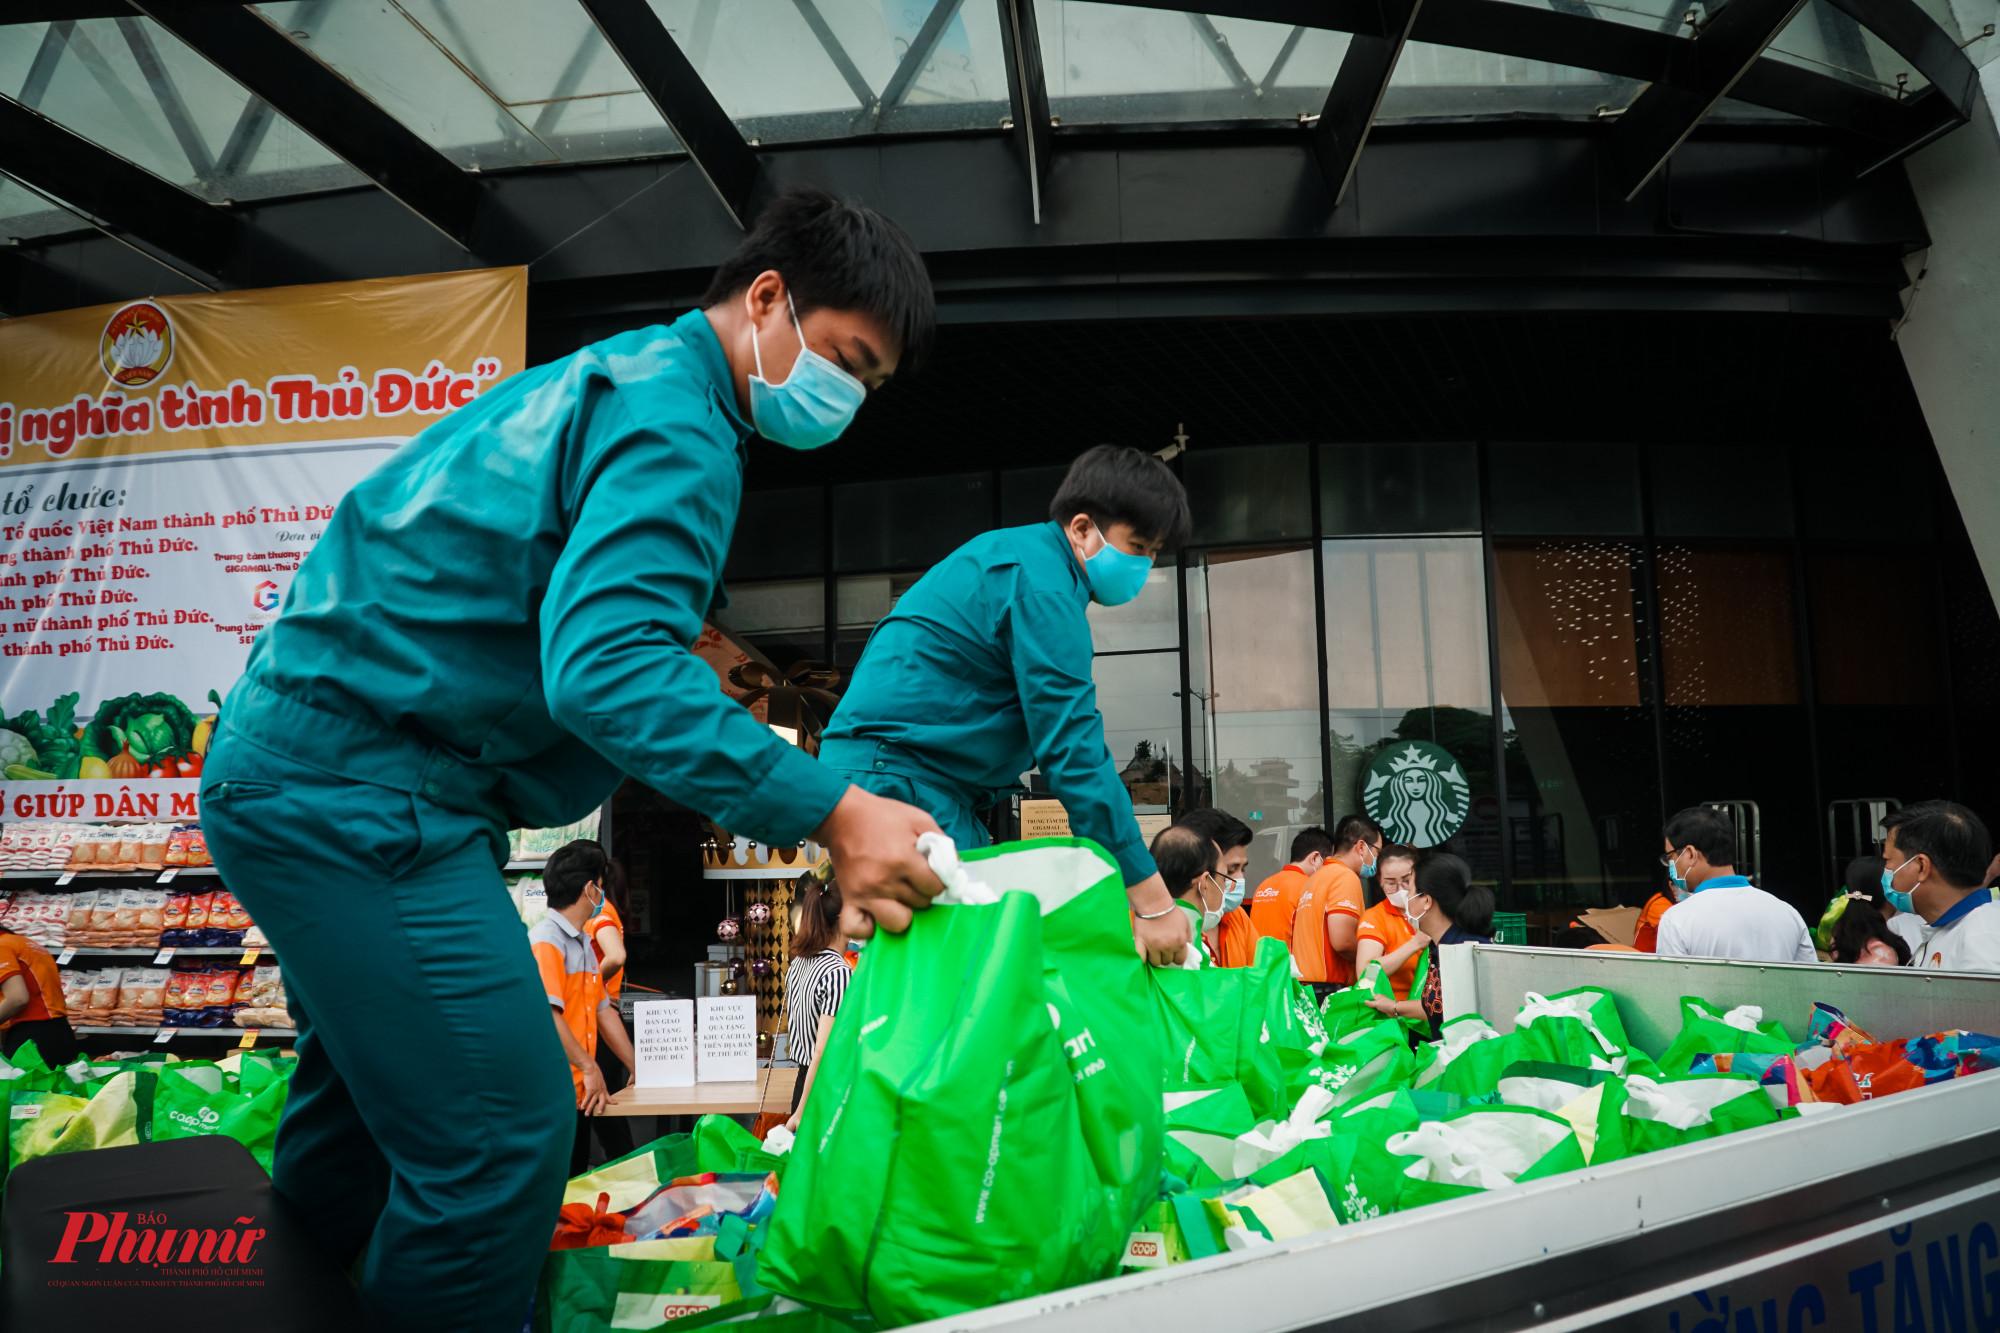 Các thực phẩm sau đó được di chuyển lên xe, chở đến các khu cách ly